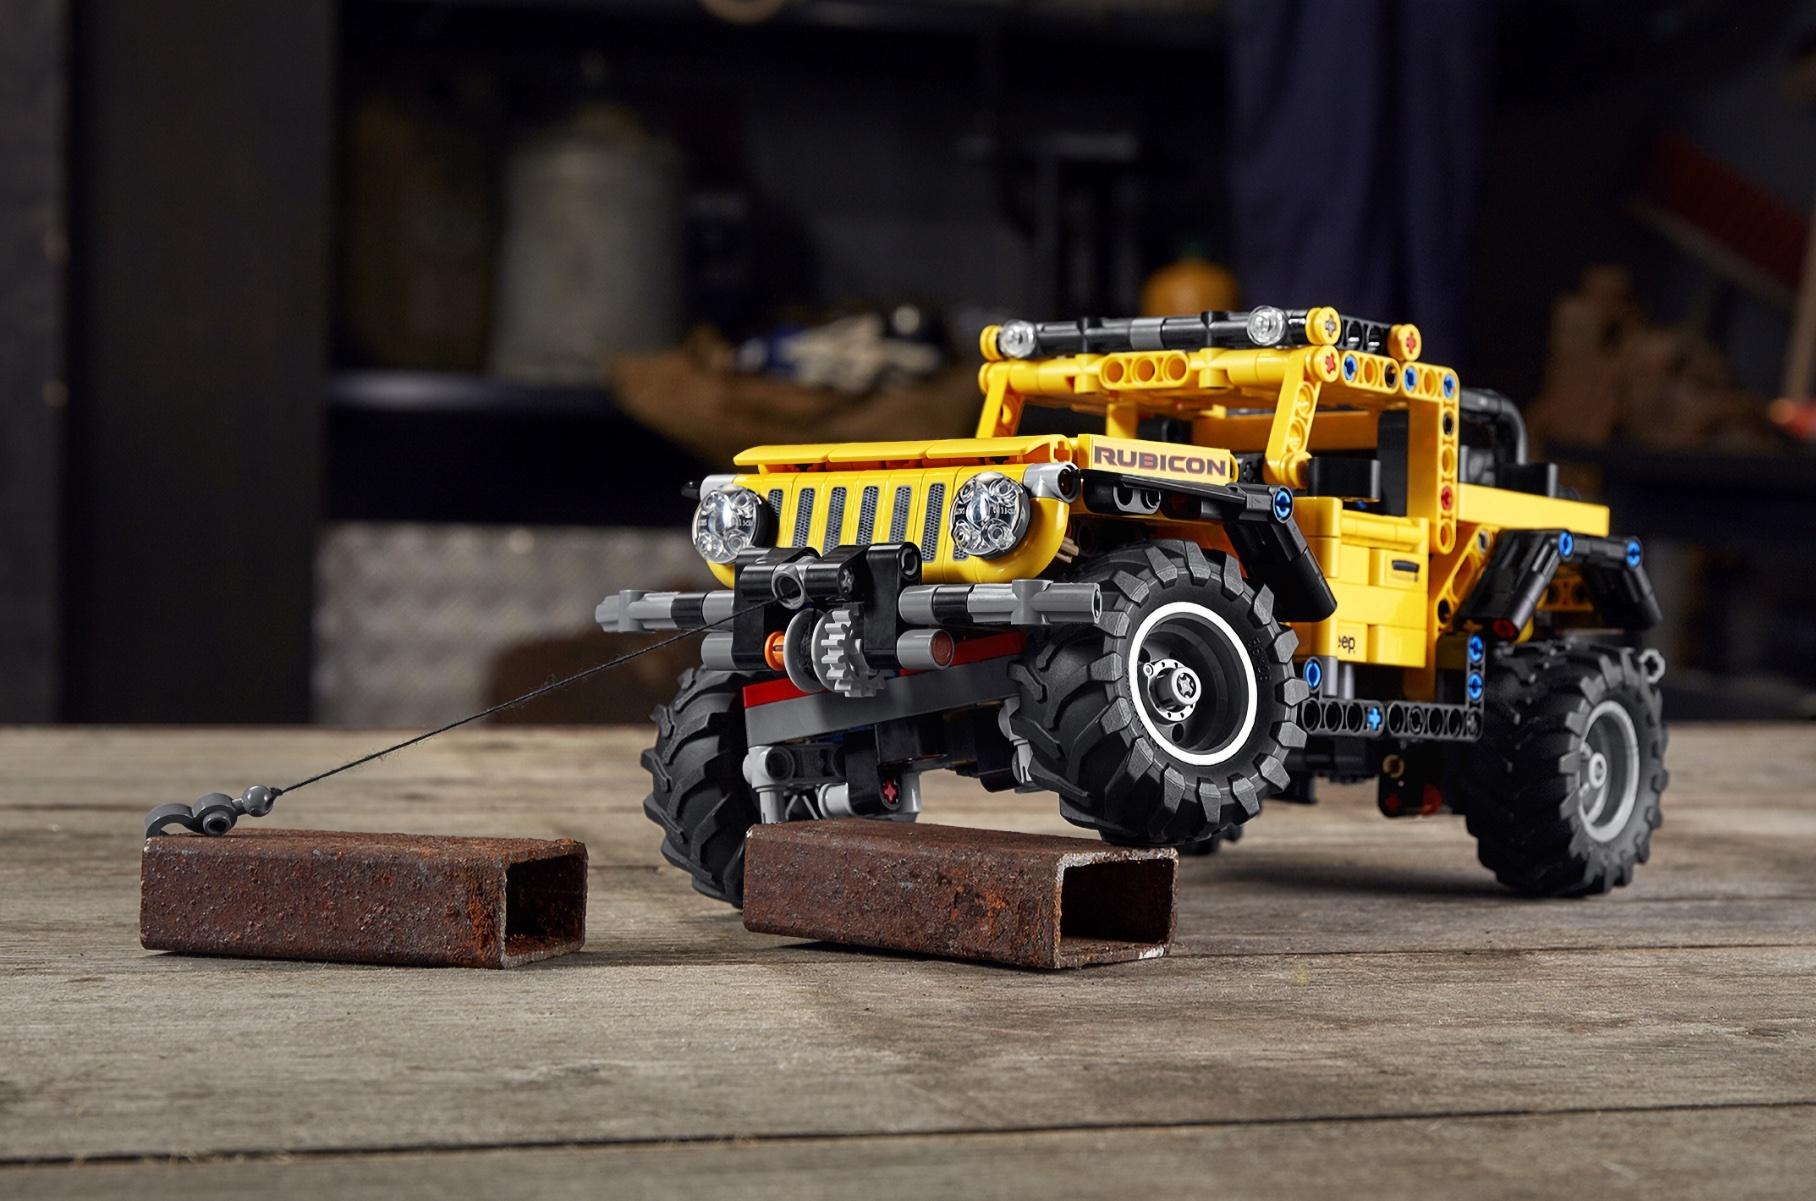 Lego выпустила сборную модель Jeep Wrangler с работающей подвеской